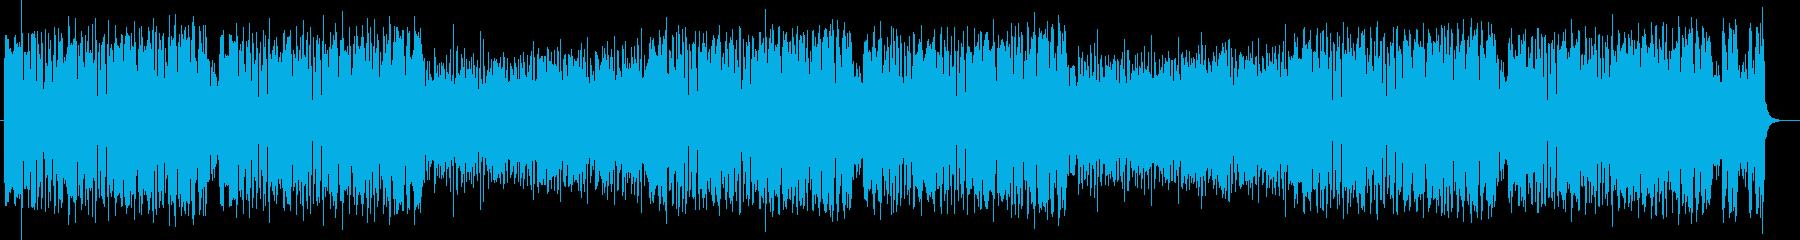 ポップで軽快なピアノポップスの再生済みの波形